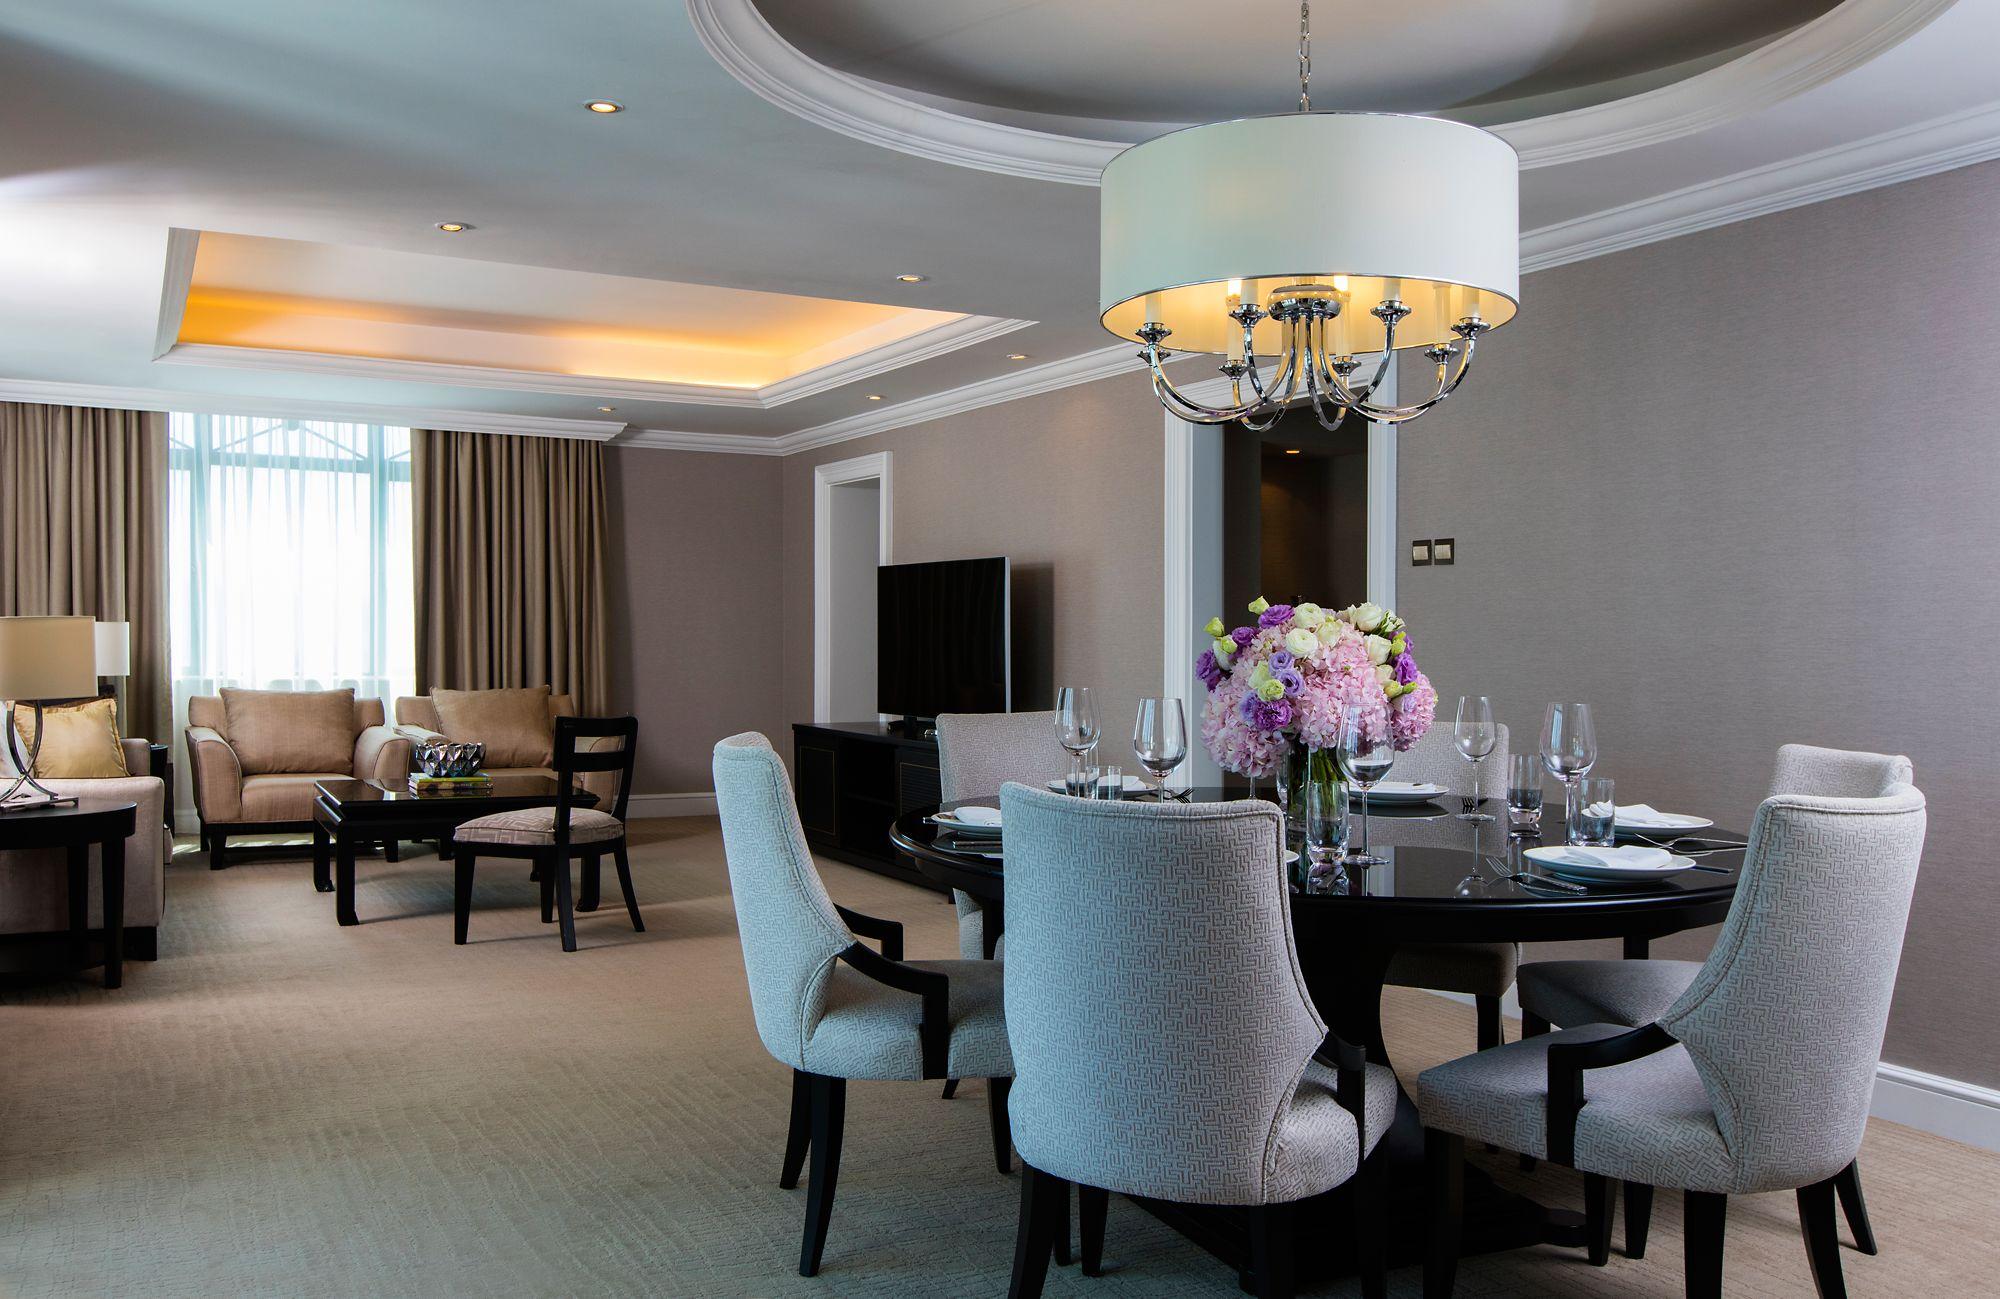 Three Bedroom Suite In Malaysia The Ritz Carlton Kuala Lumpur